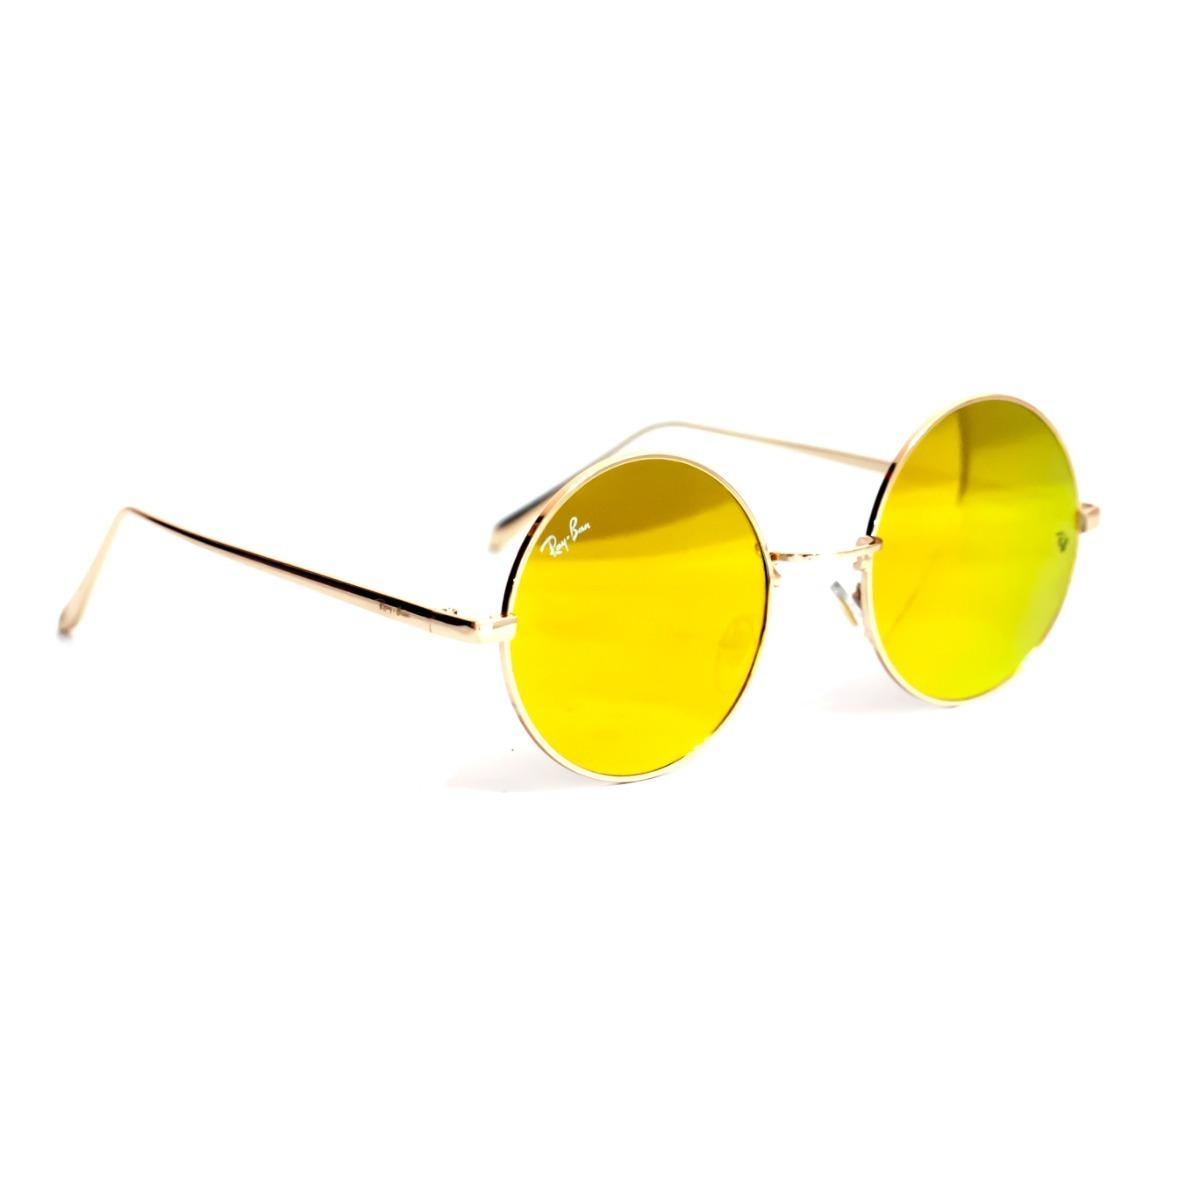 c0967ec49a gafas de sol rayban ja-jo gold rb3592 | varios colores uv400. Cargando zoom.